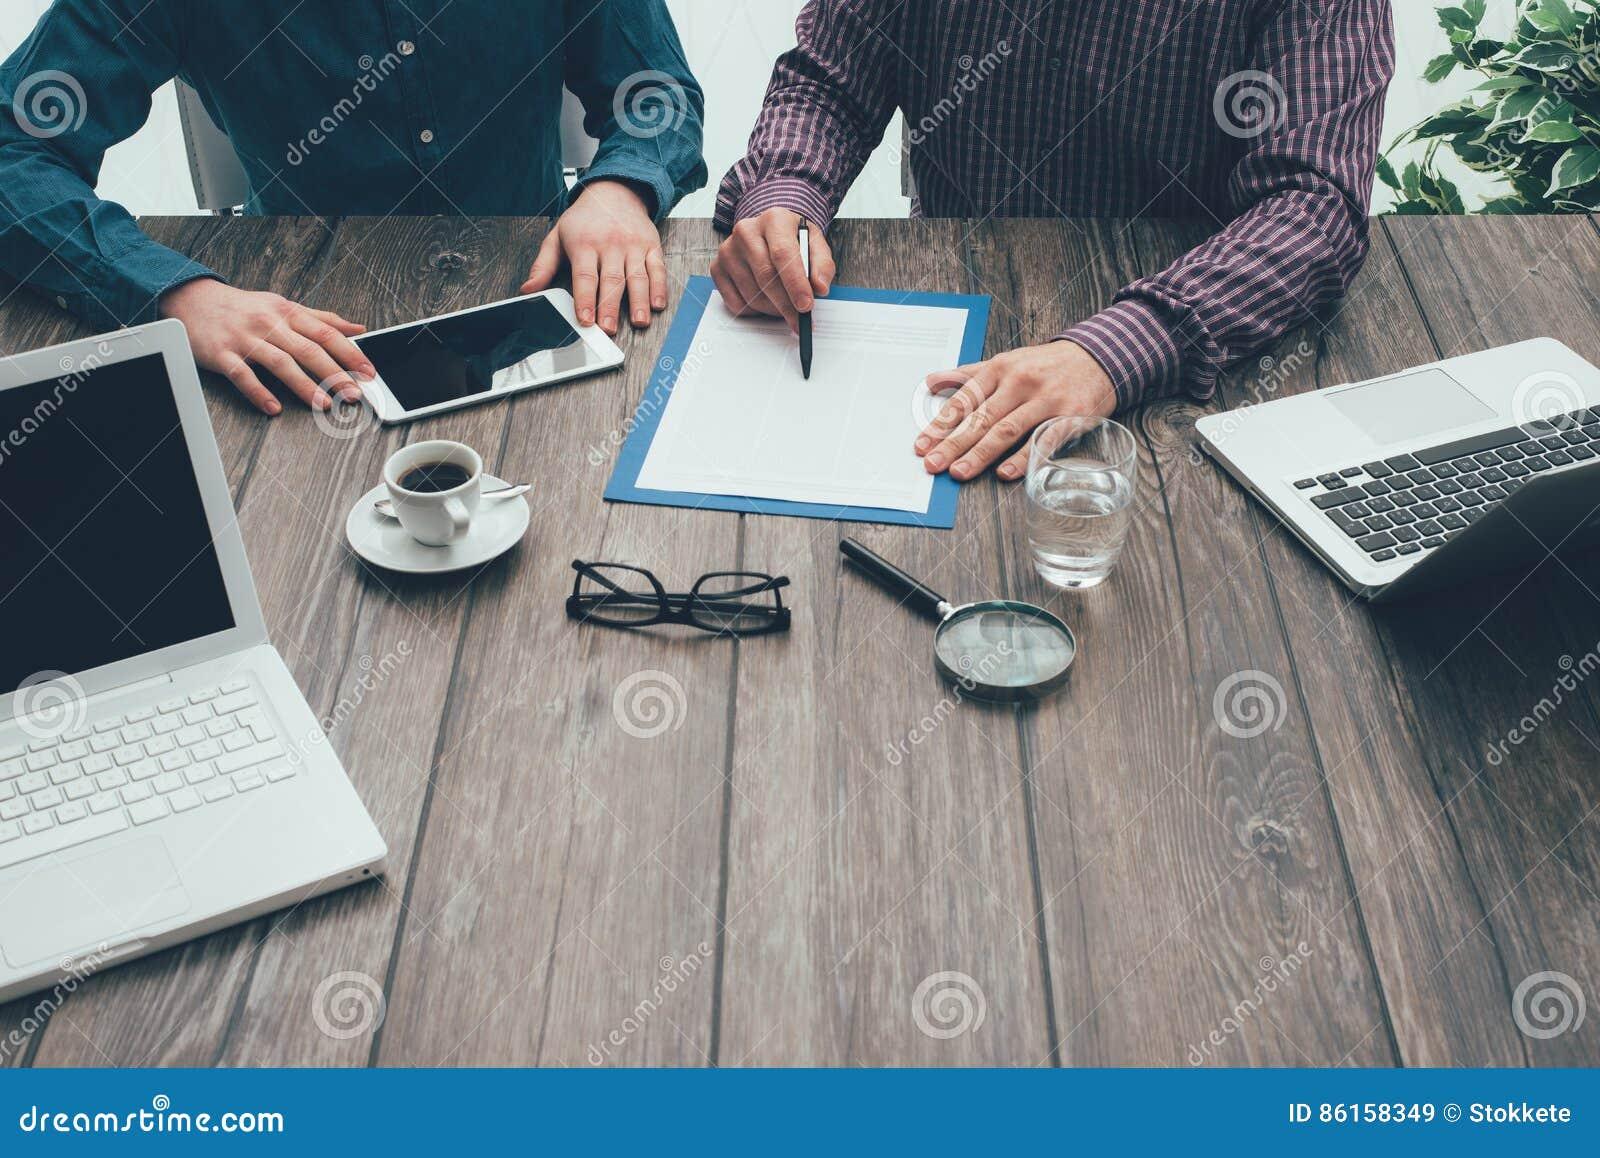 Biznesowego biznesmena cmputer biurka laptopu spotkania ja target1953_0_ target1954_0_ używać kobiety